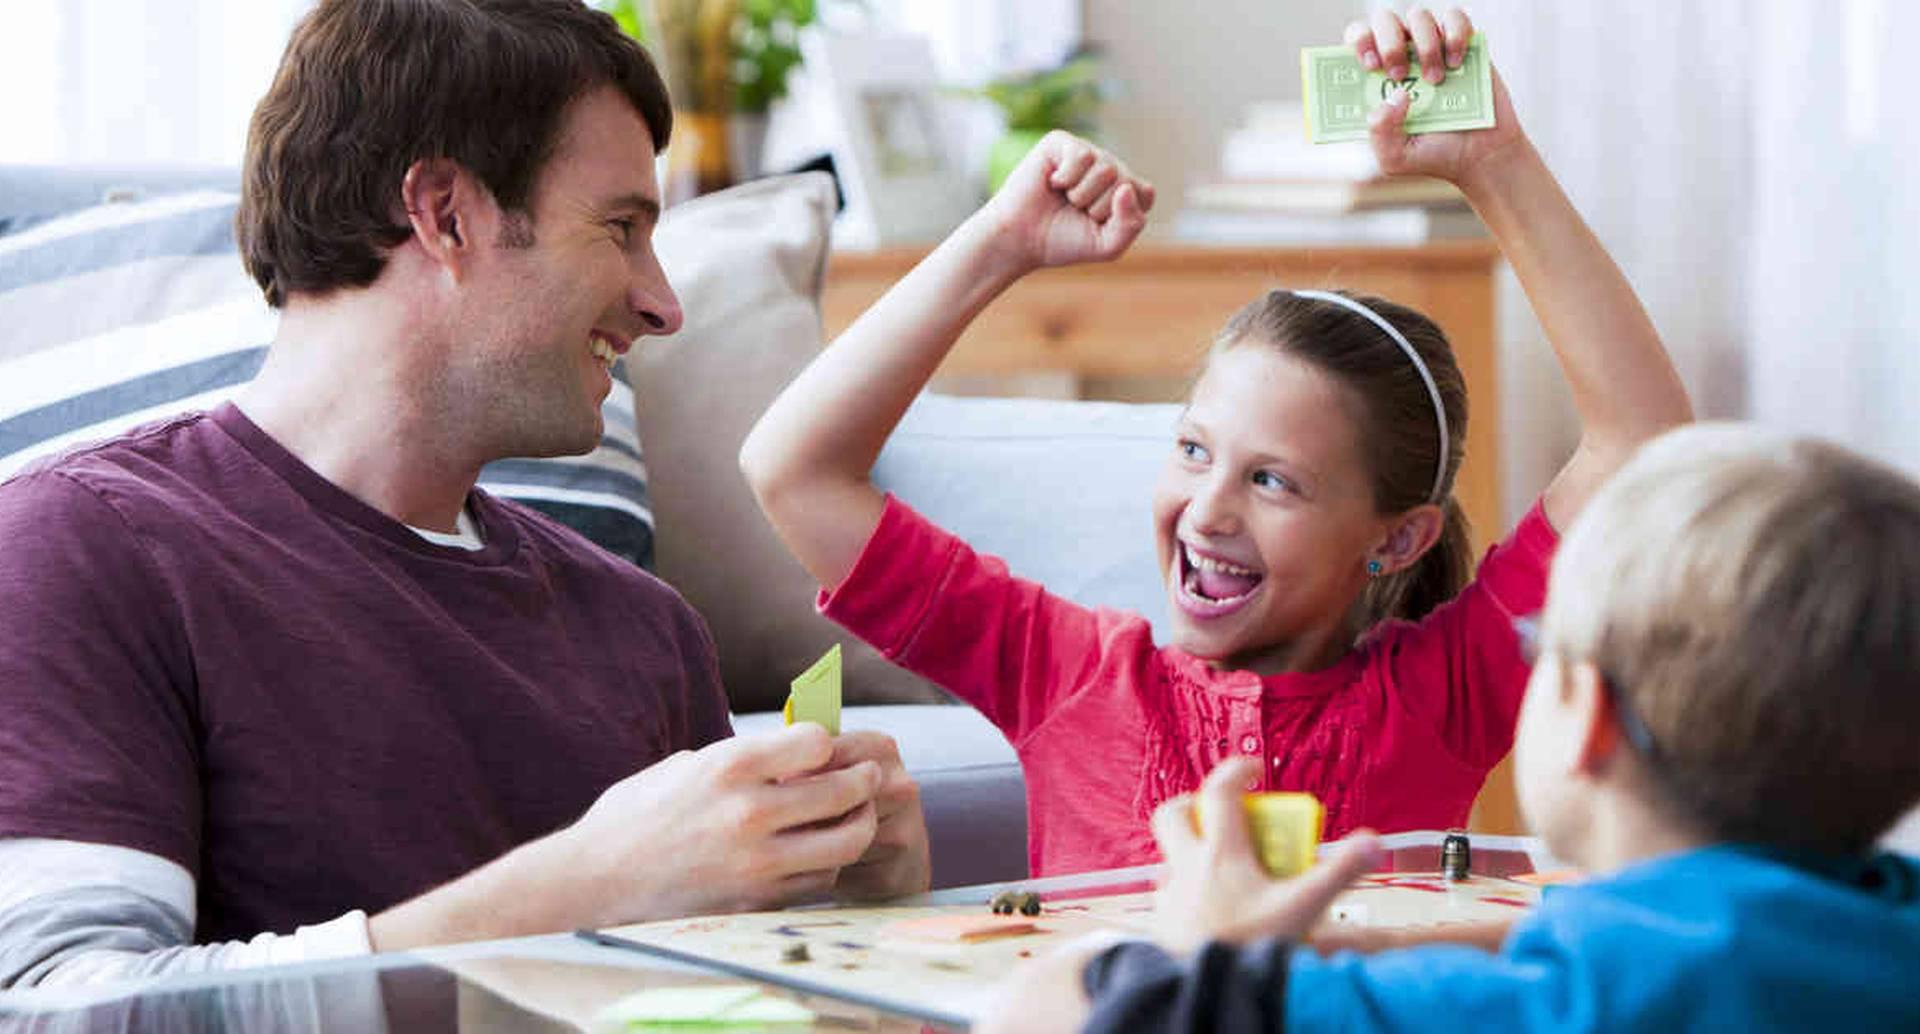 Los juegos de mesa desarrollan habilidades en los niños.